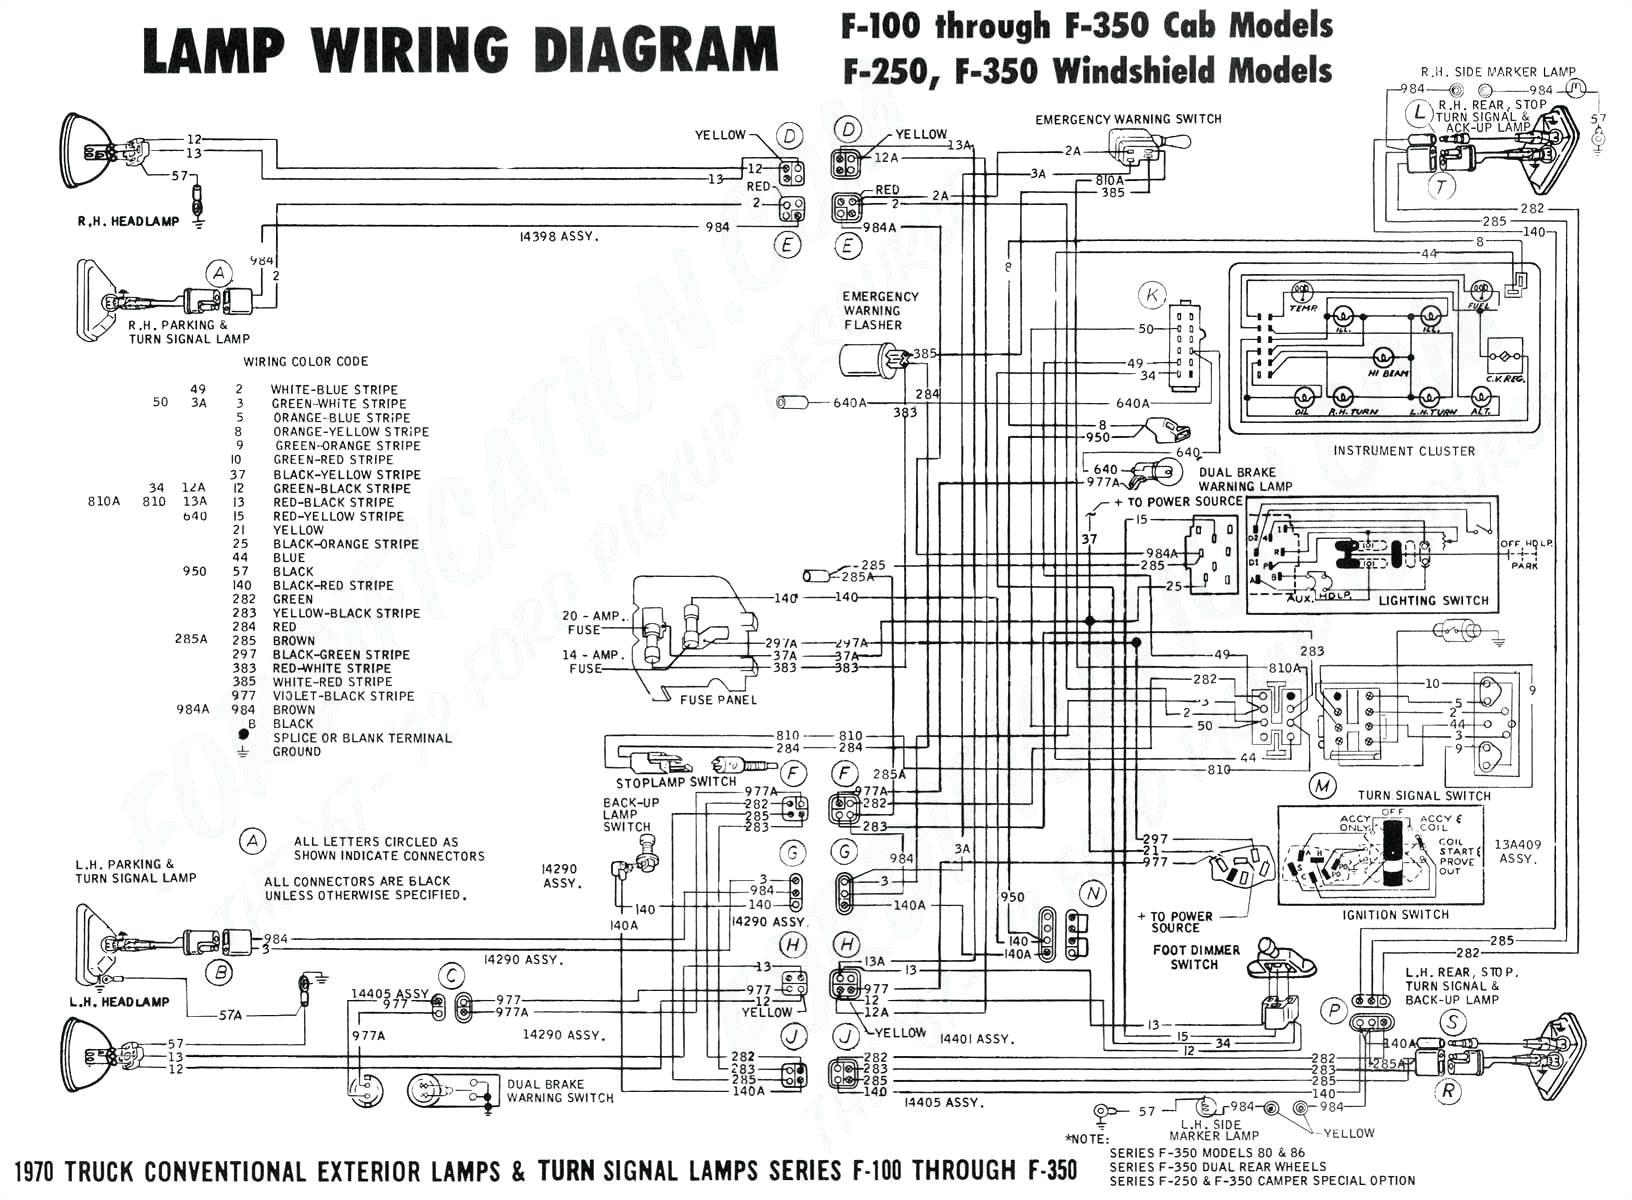 89 mustang tail light wiring diagram